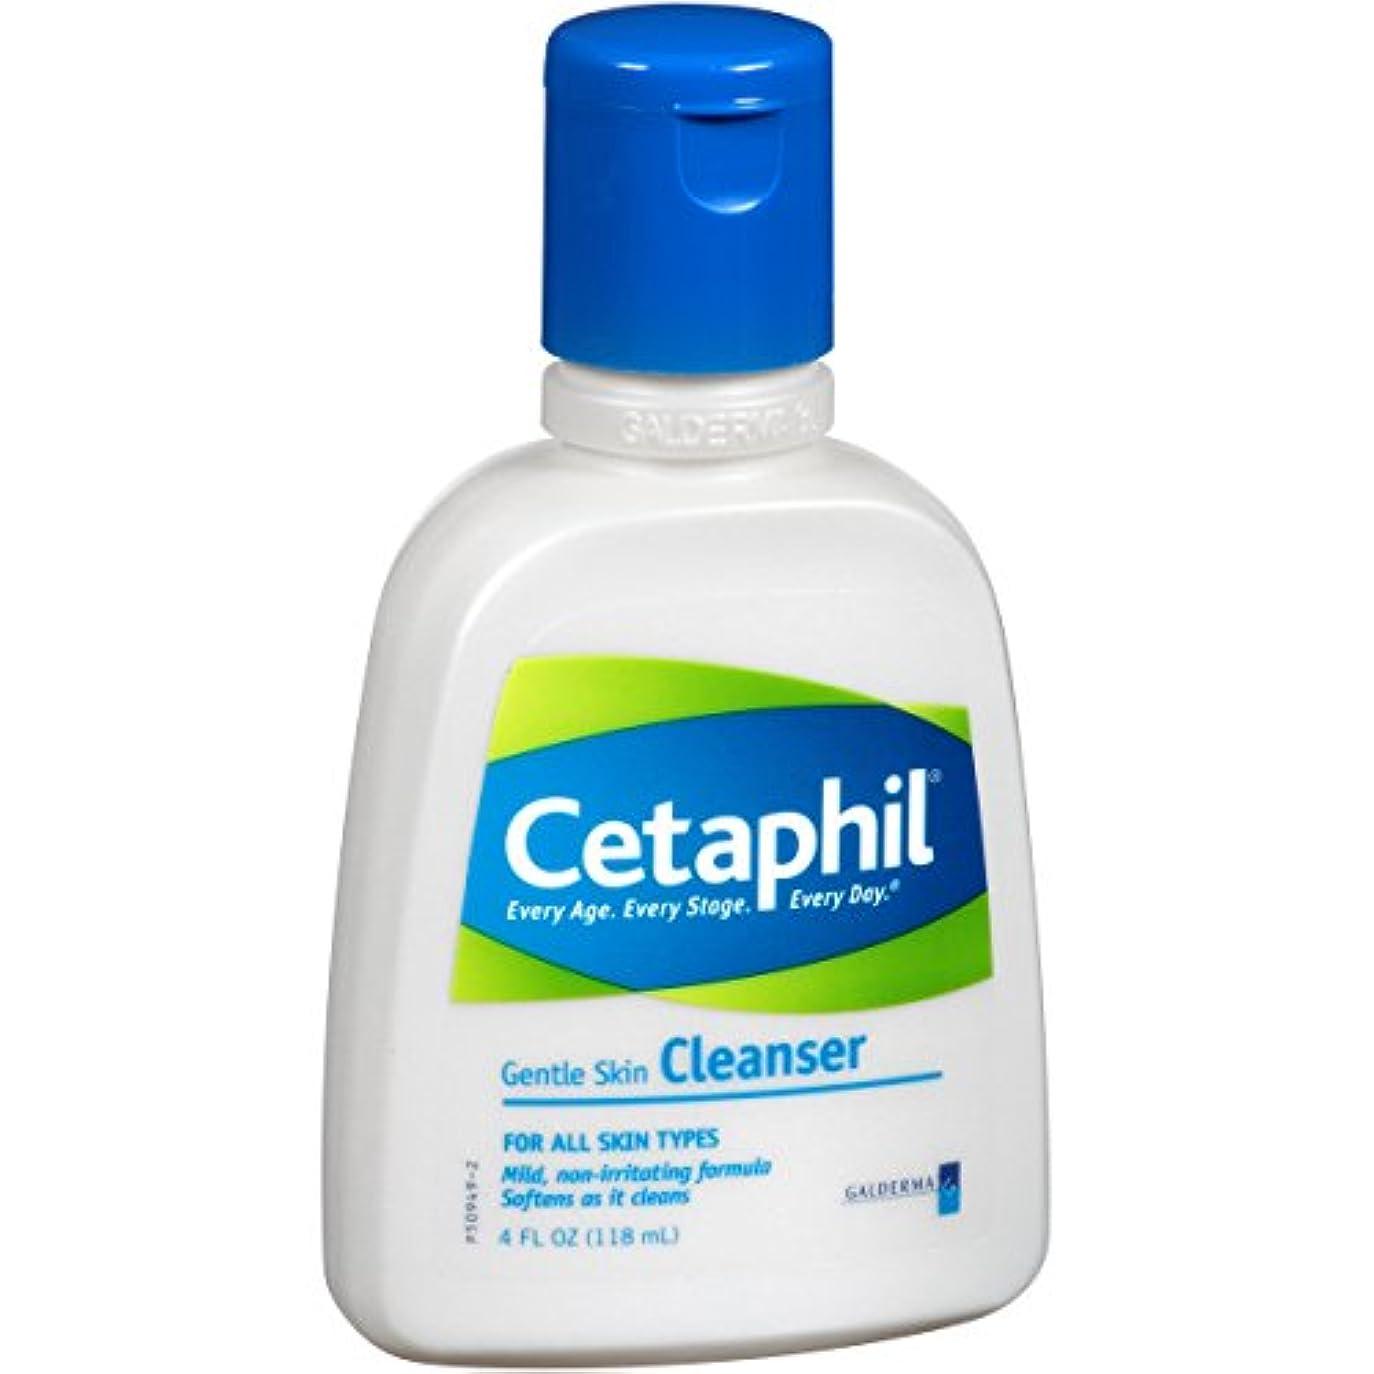 固体パンチレーザCetaphil ジェントルスキンクレンザーボトル、4流体オンス